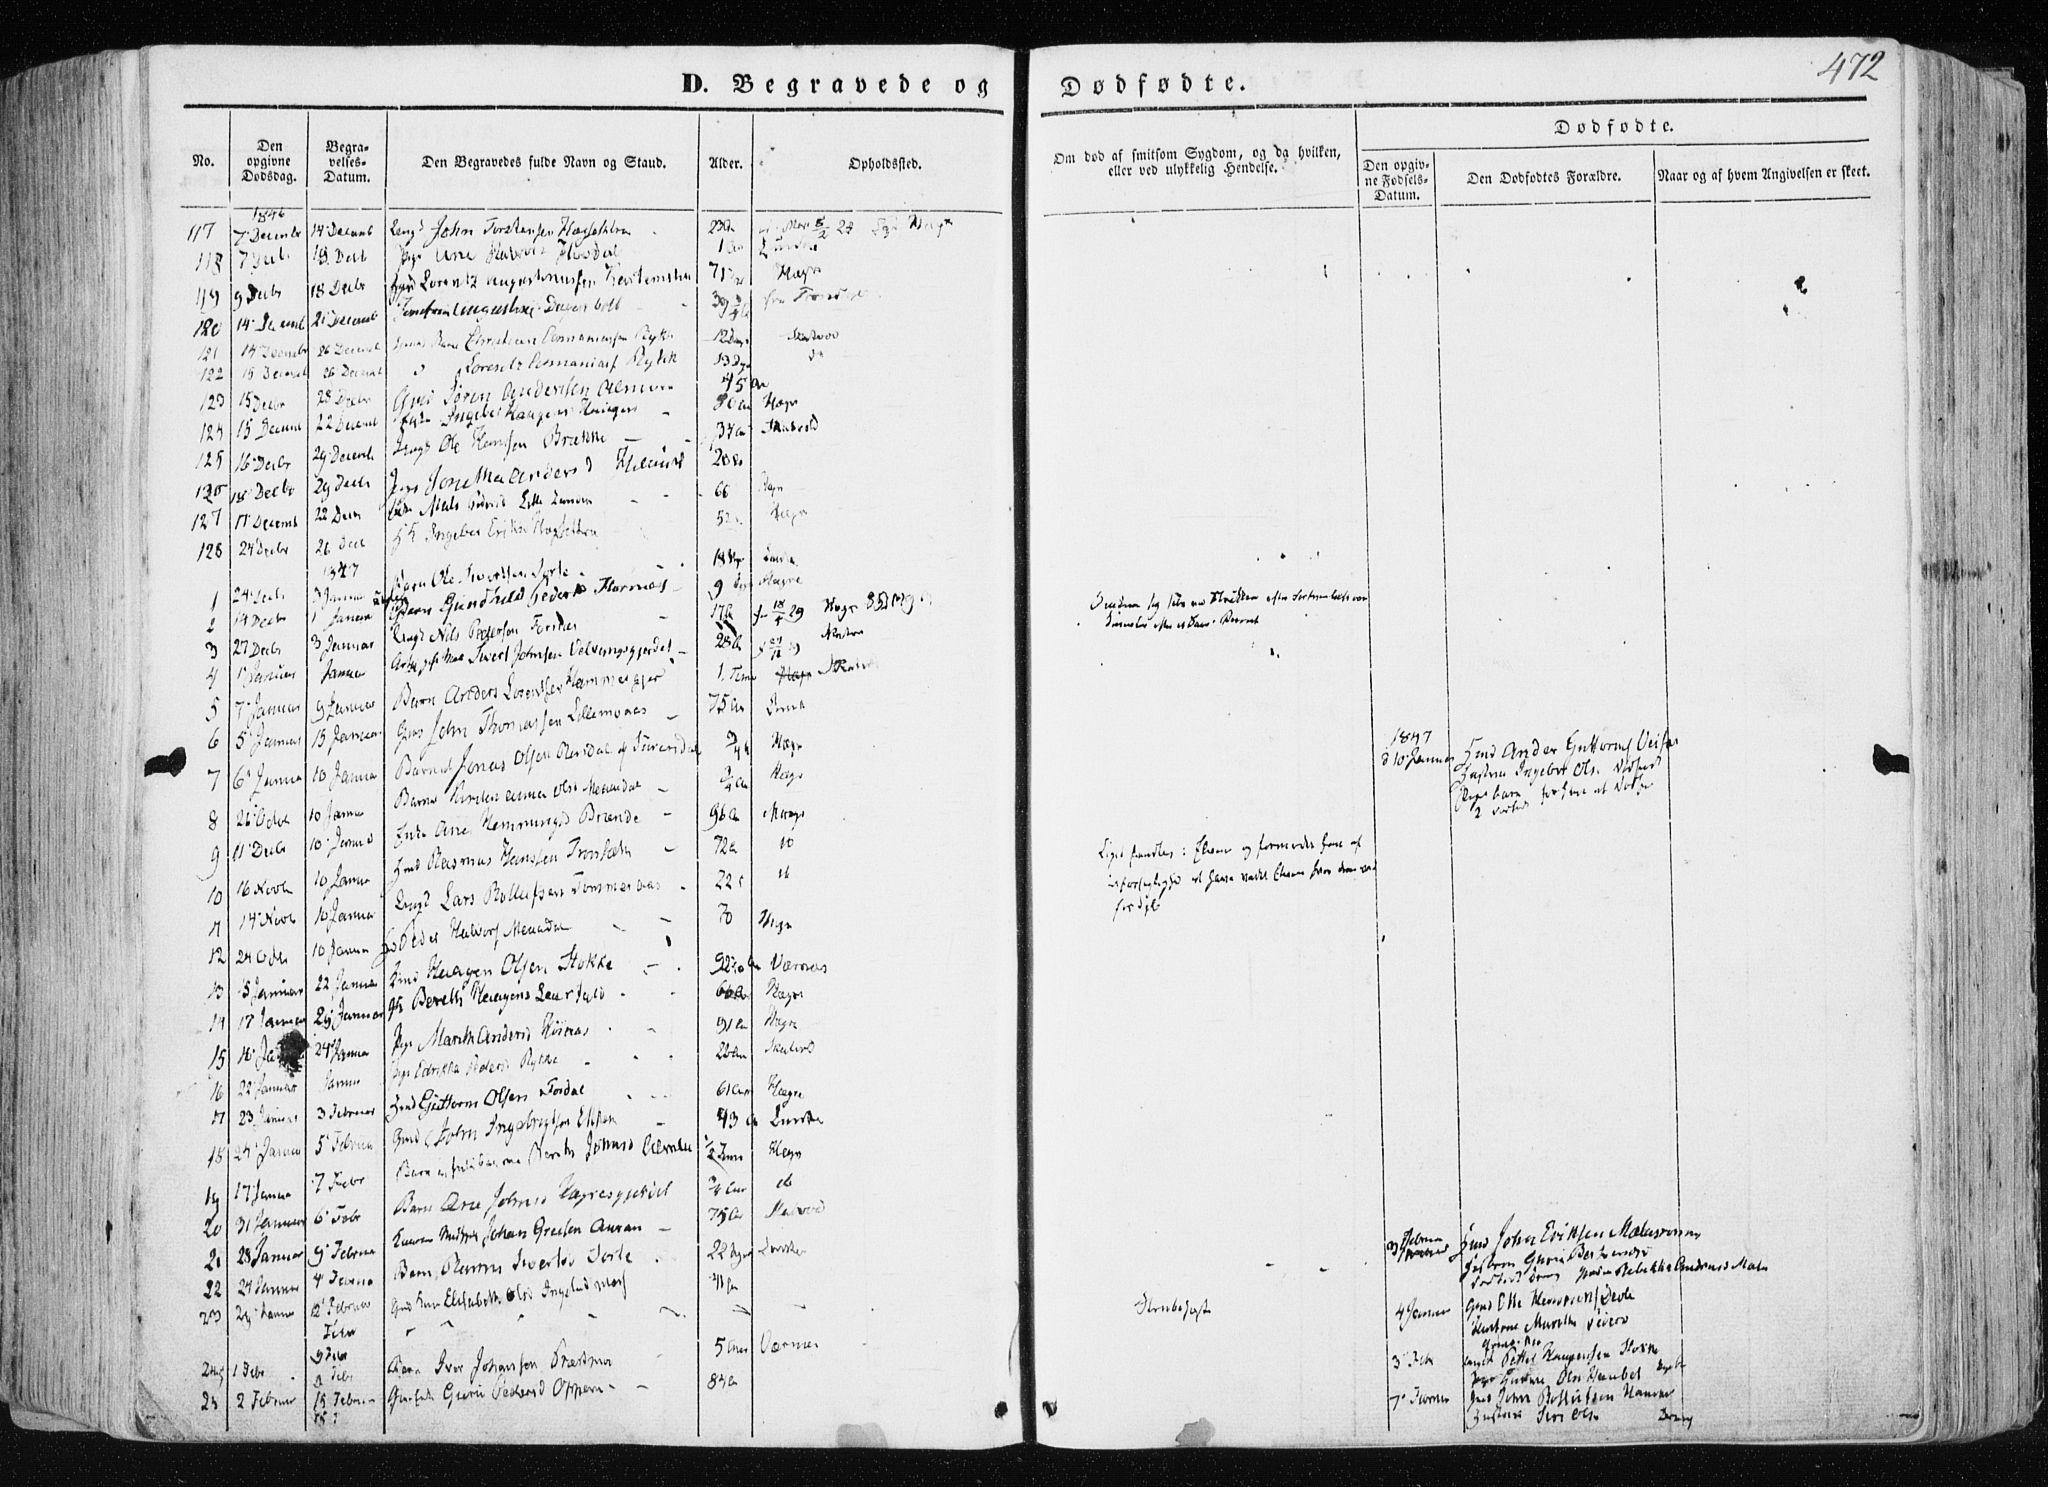 SAT, Ministerialprotokoller, klokkerbøker og fødselsregistre - Nord-Trøndelag, 709/L0074: Ministerialbok nr. 709A14, 1845-1858, s. 472